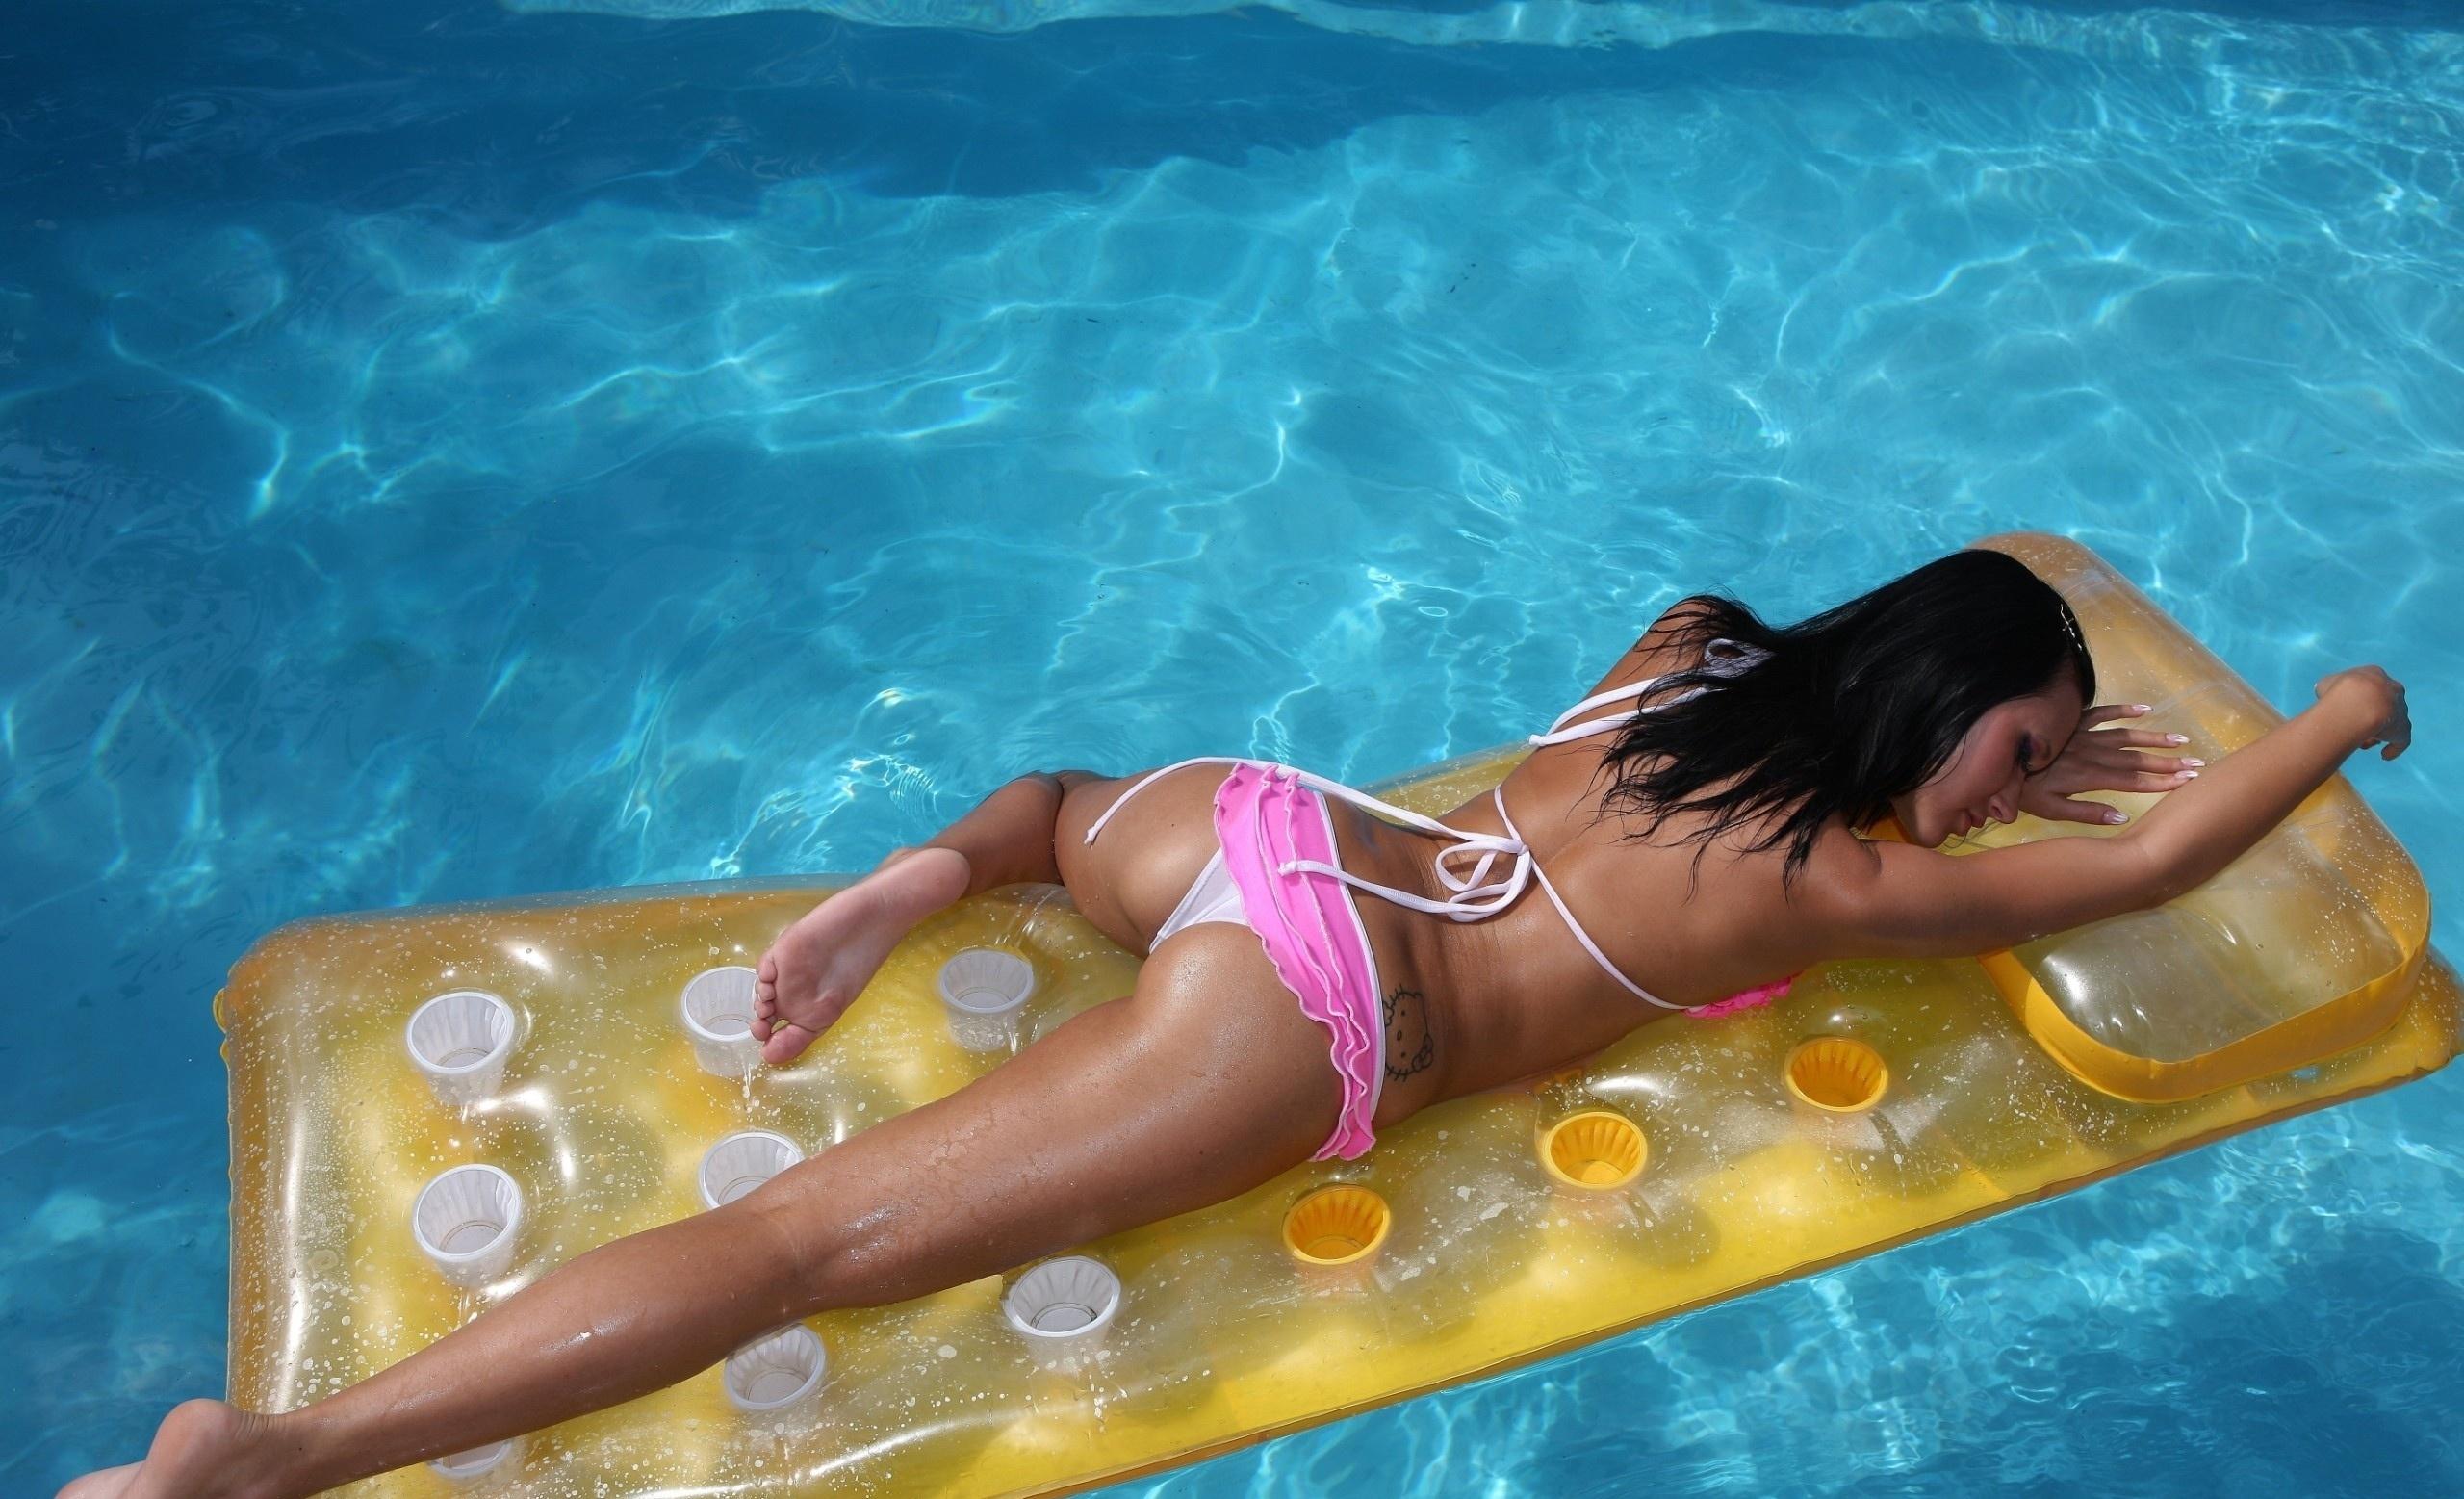 Молодая мулатка позирует у бассейна  594897